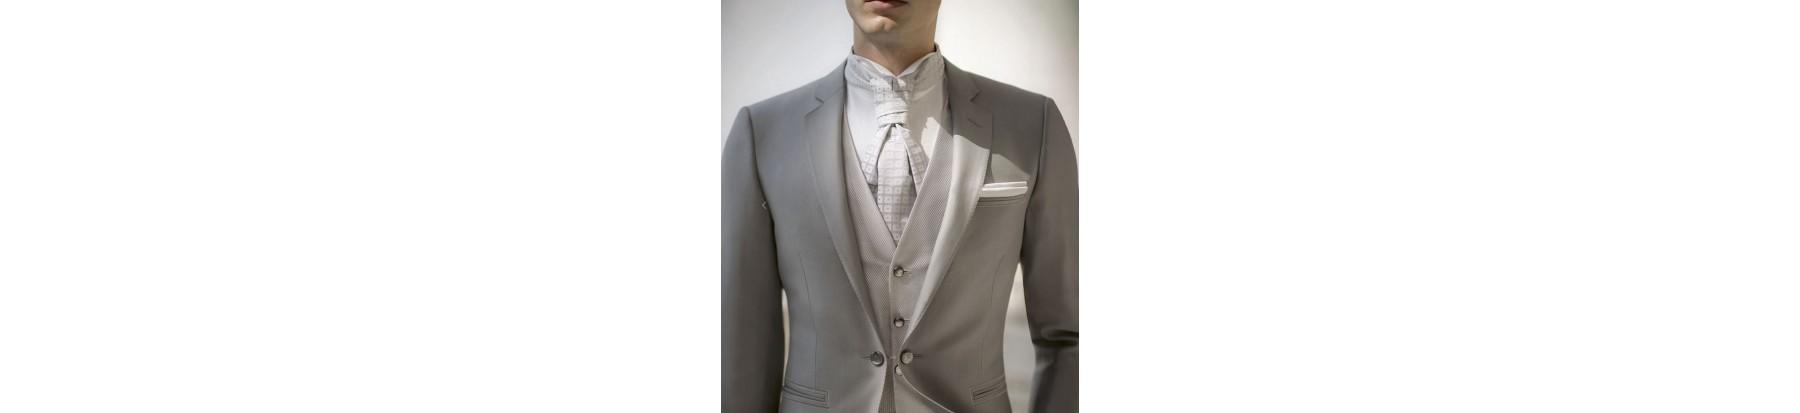 Свадебные костюмы мужские